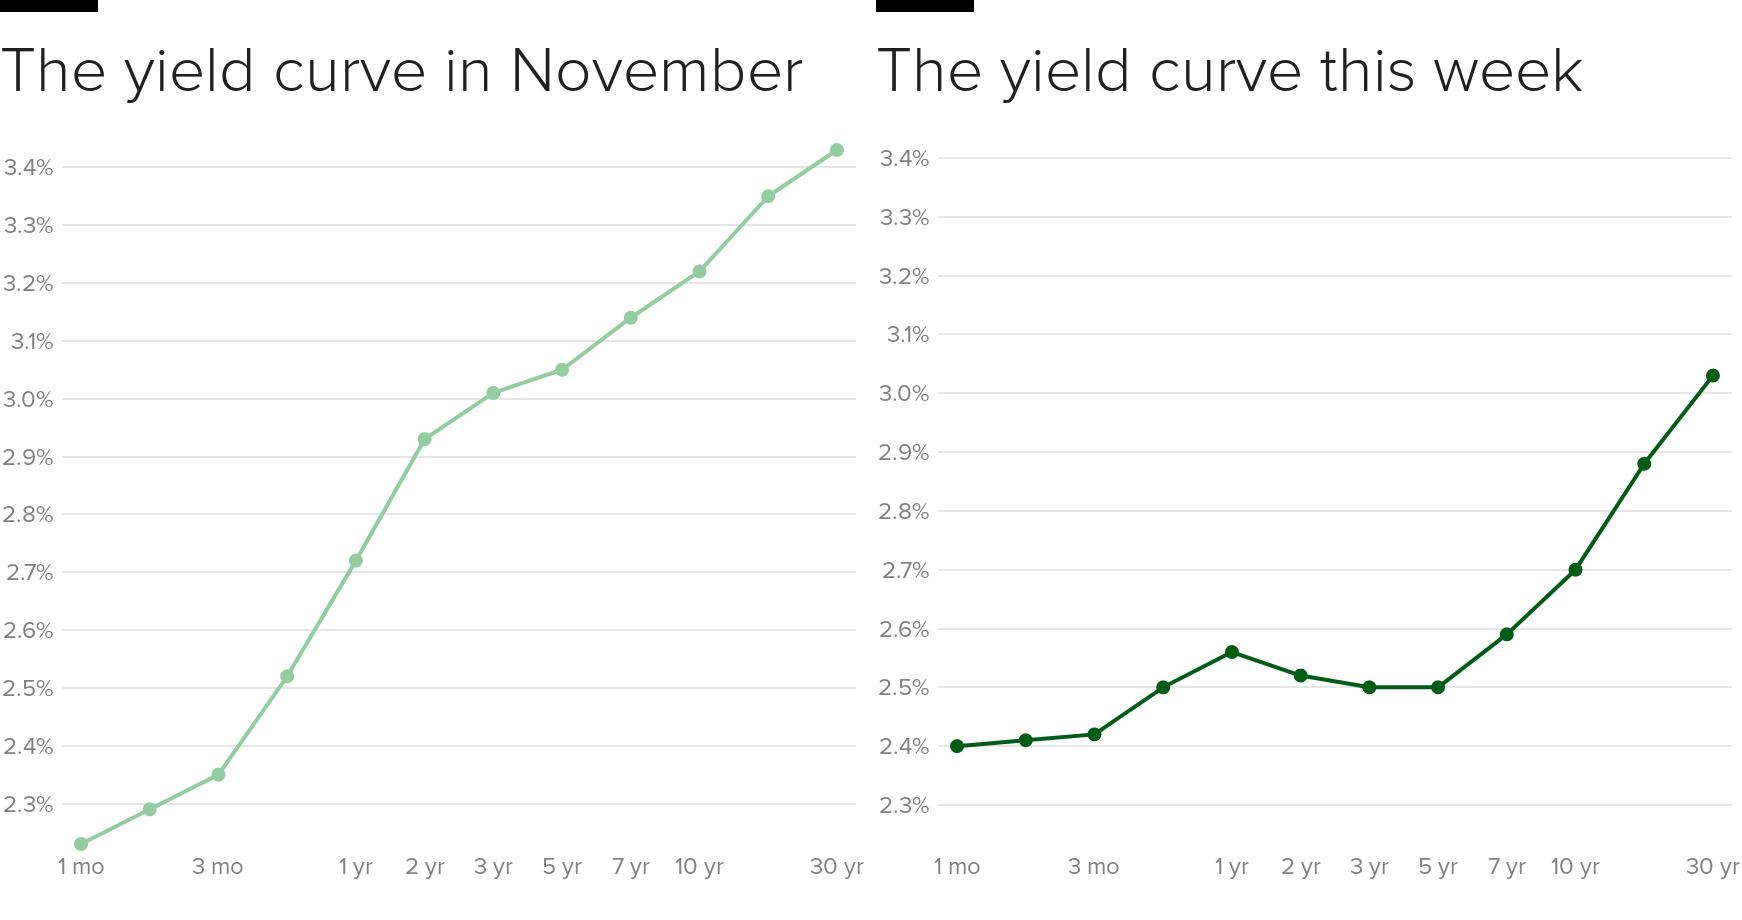 yield-curve-comparison.png